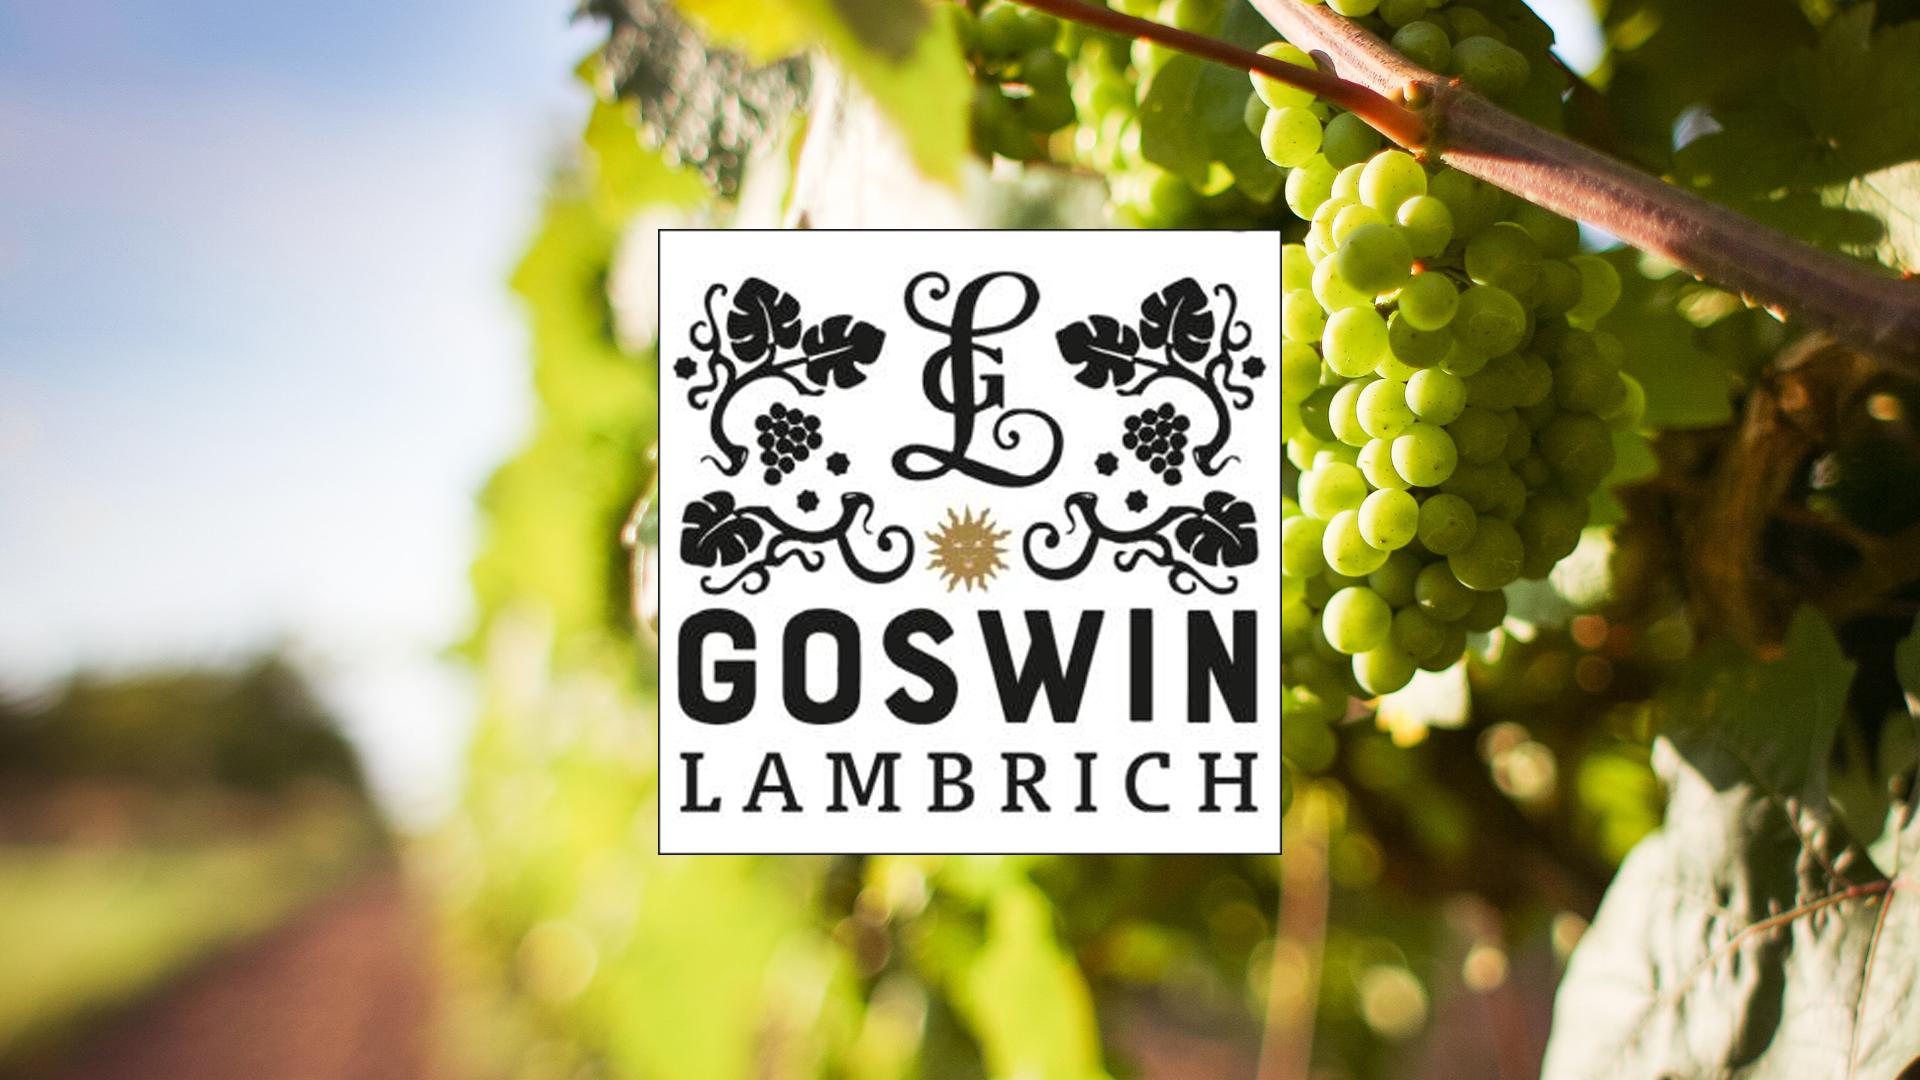 Gerhard Lambrich – Wein- und Sektgut Goswin Lambrich